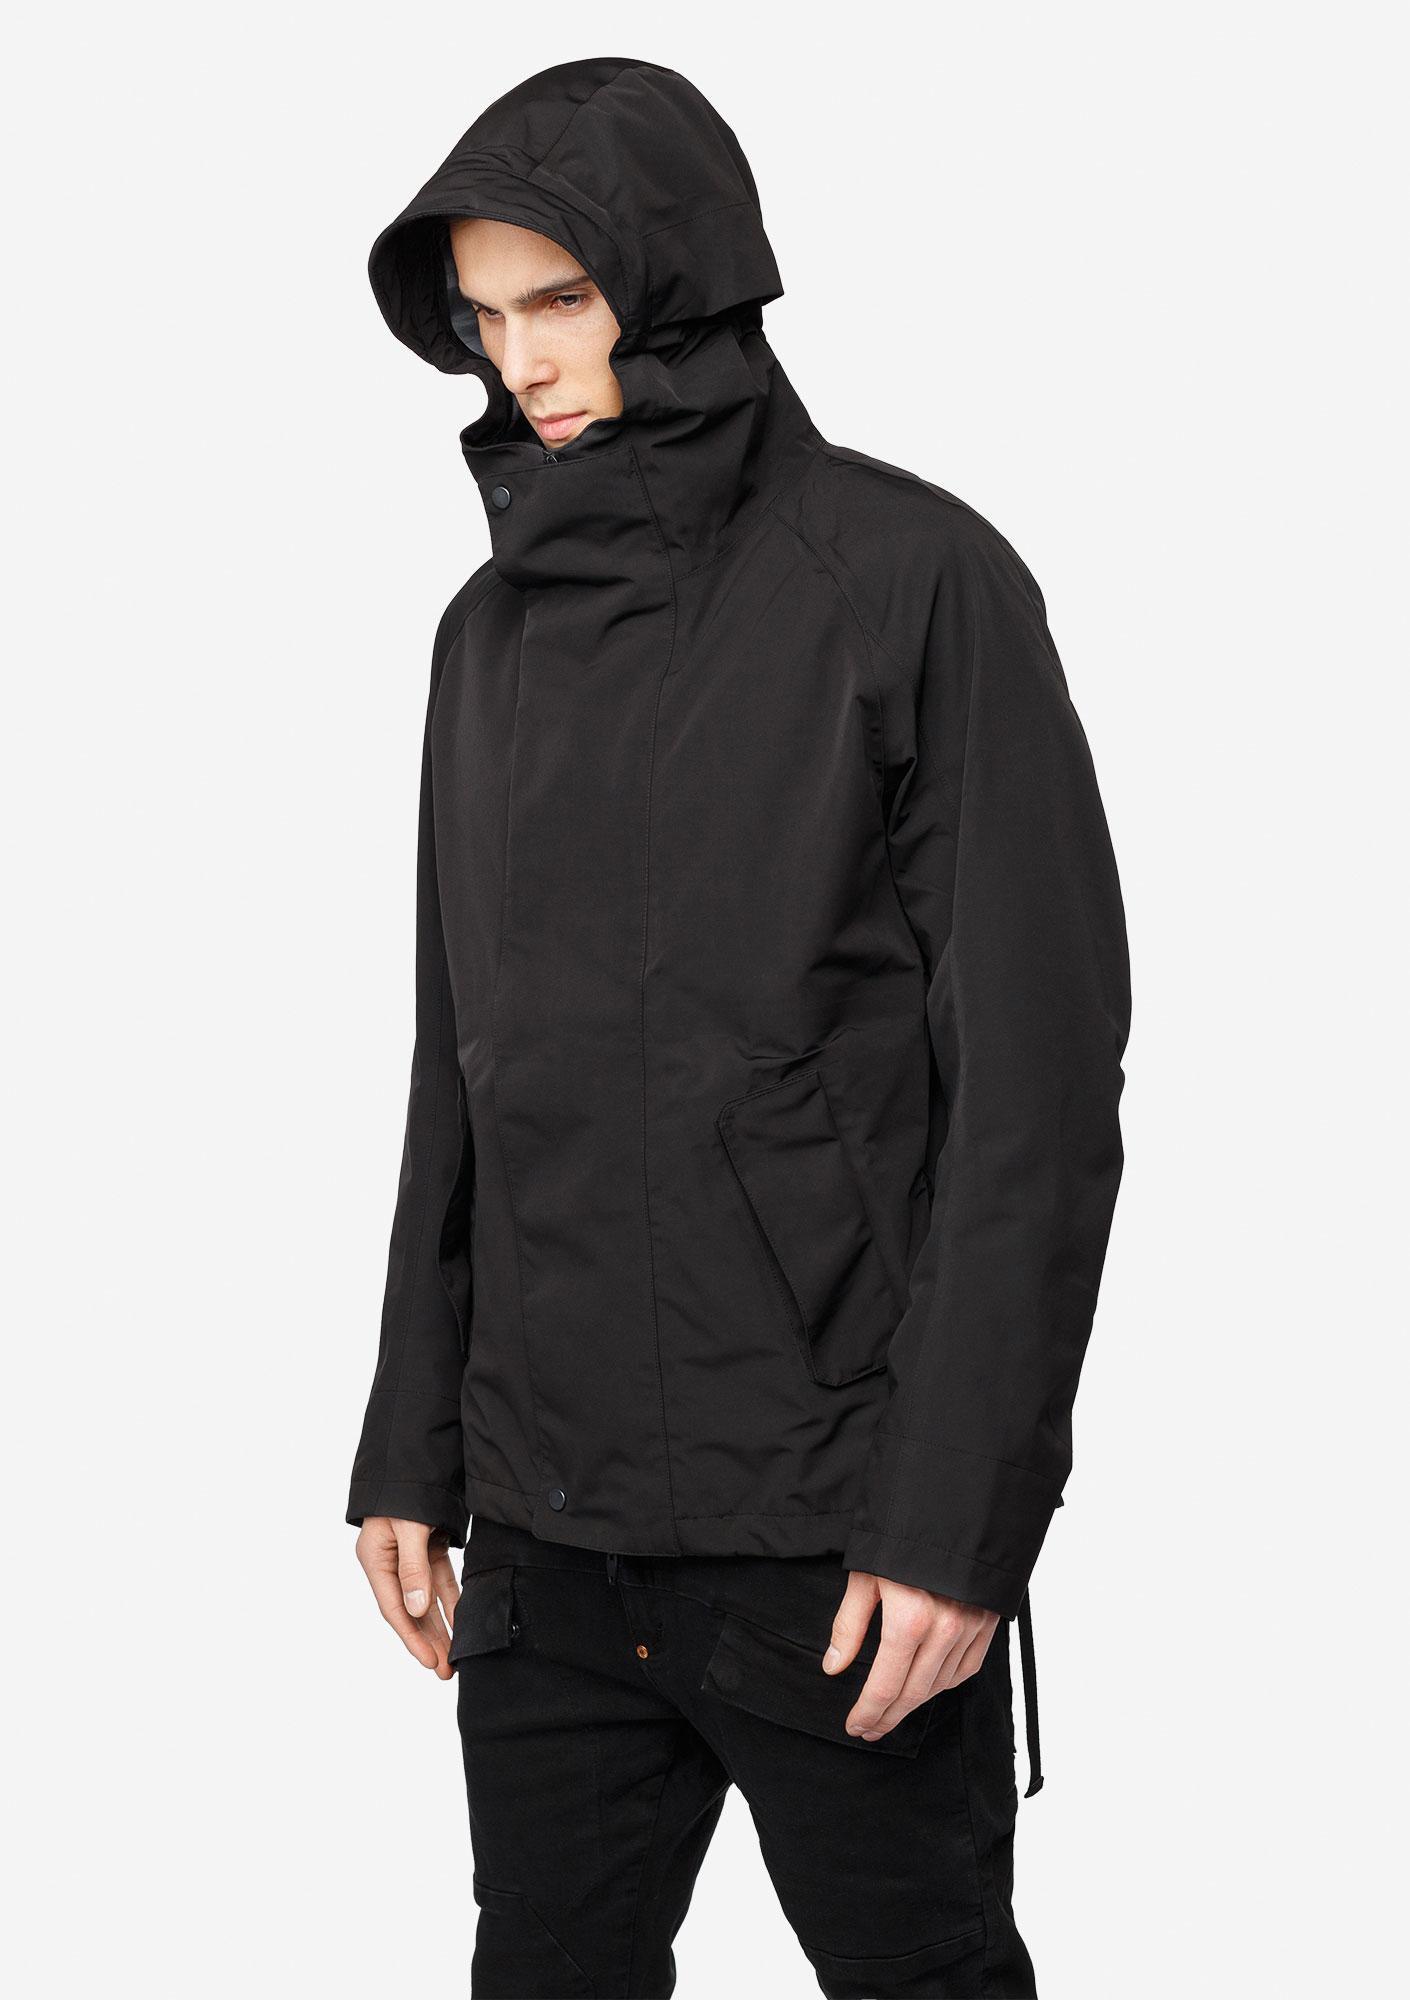 Штормовая куртка KRAKATAU Q137/1 CURIUM